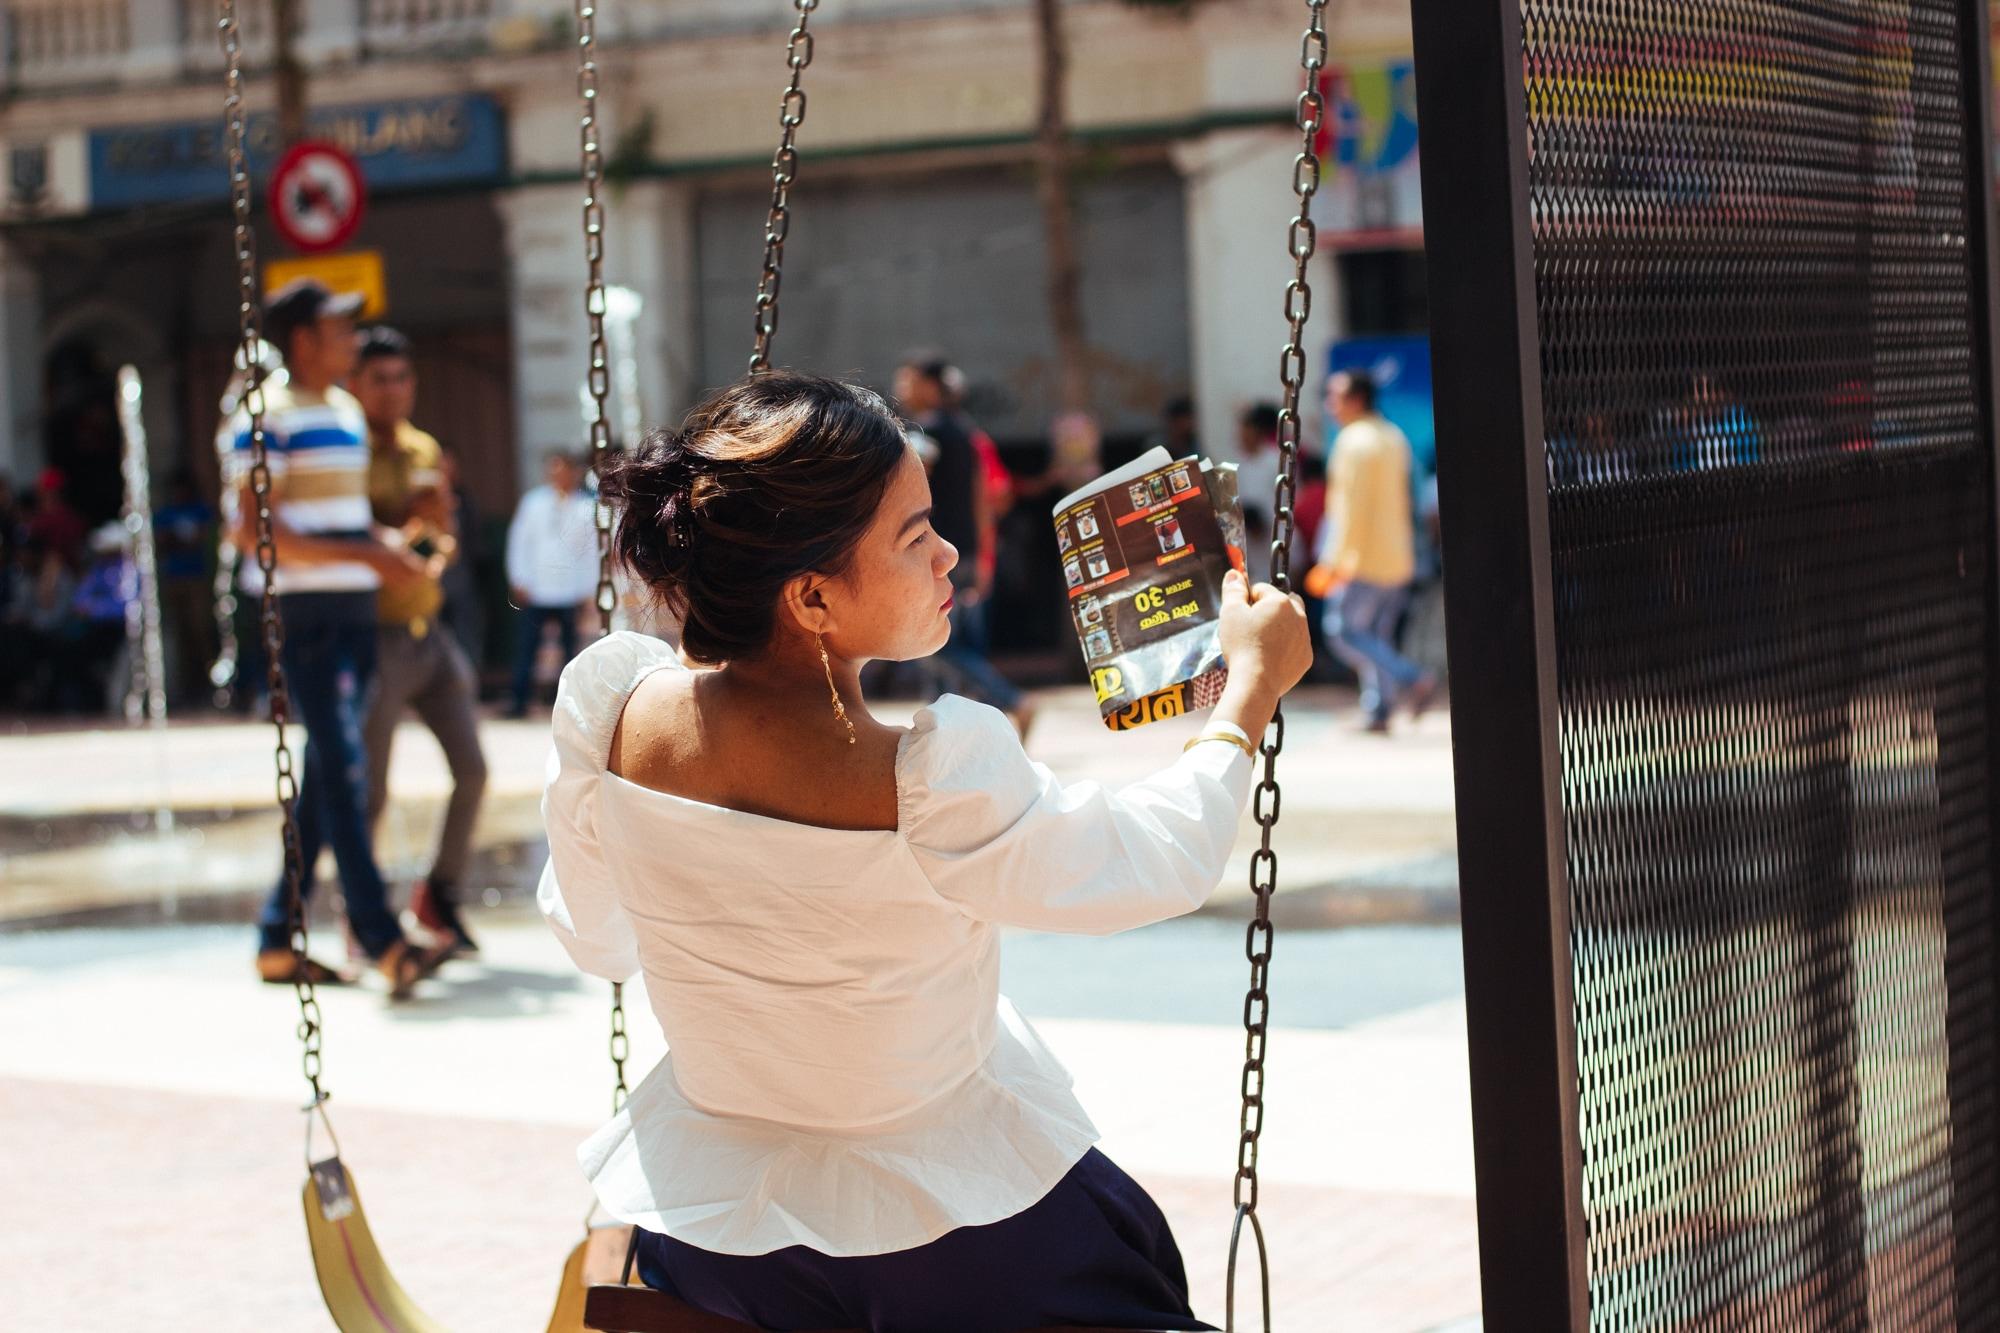 A woman on swing, Kuala Lumpur city center